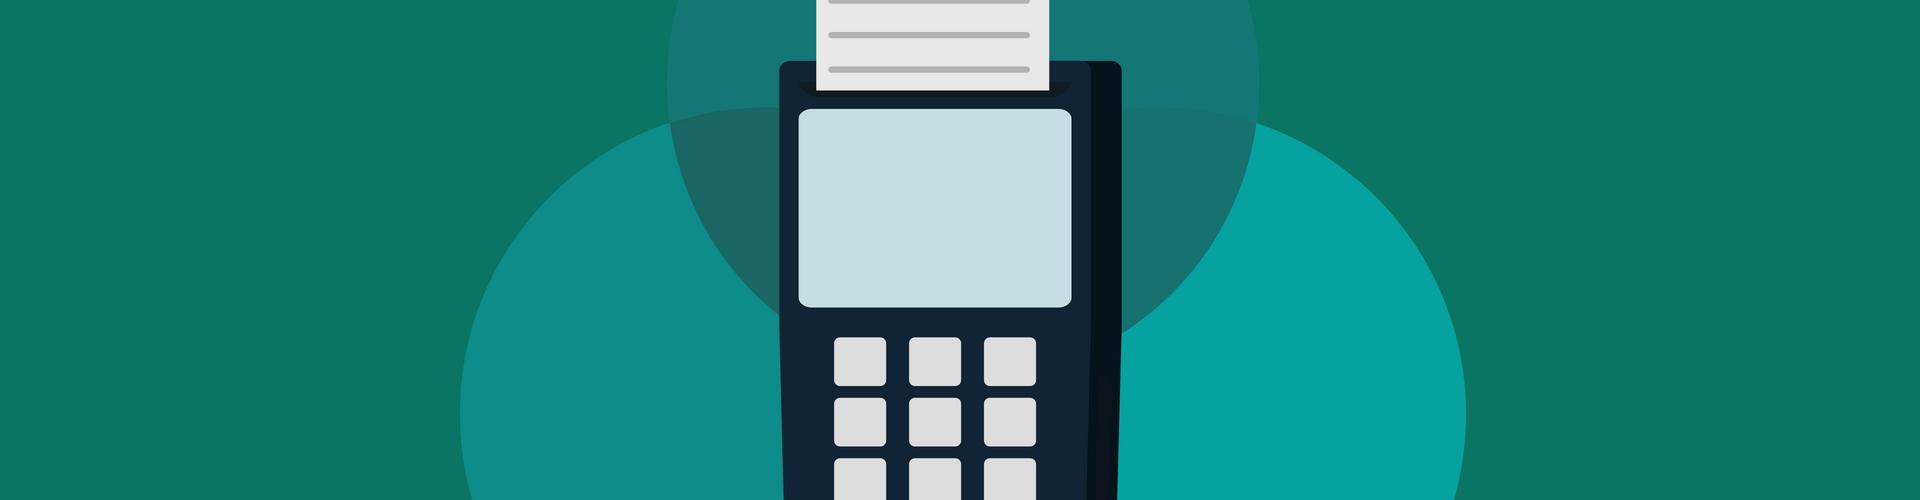 NFC-e nota fiscal eletrônica